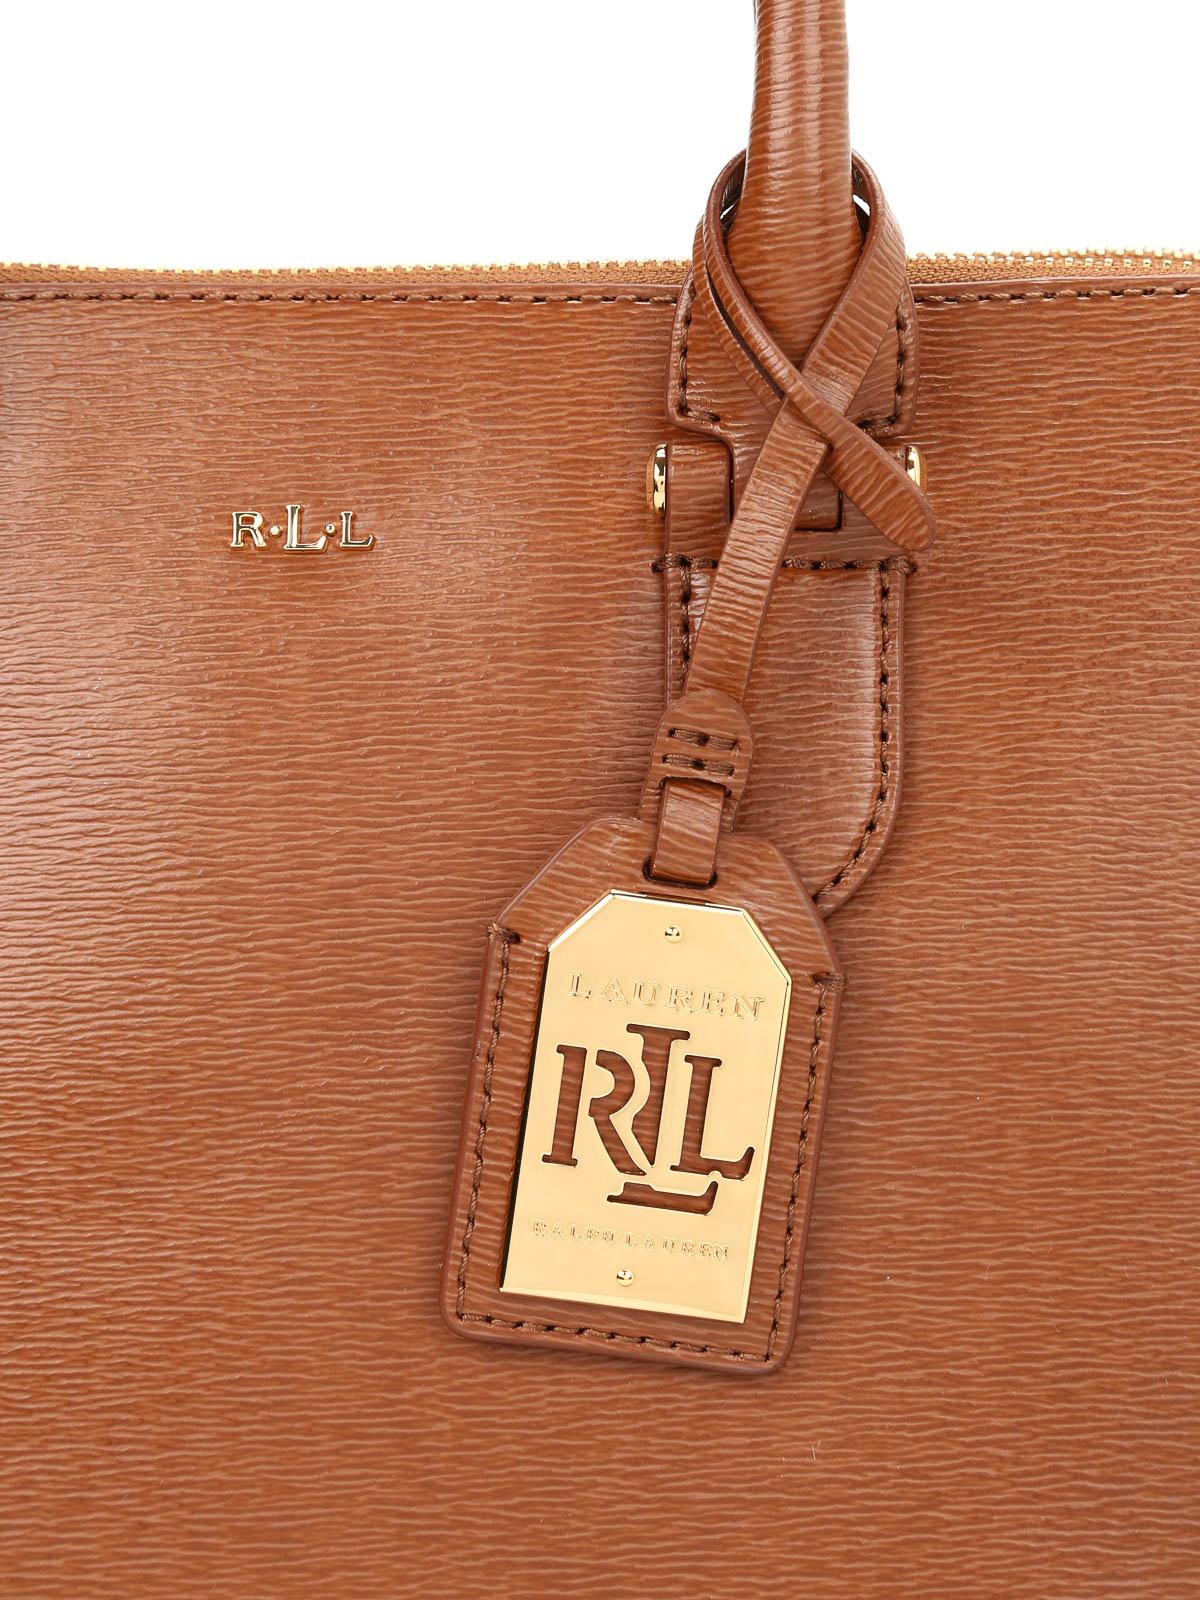 102e859e6c Ralph lauren handtasche braun handtaschen a jpg 1200x1600 Ralph lauren rll